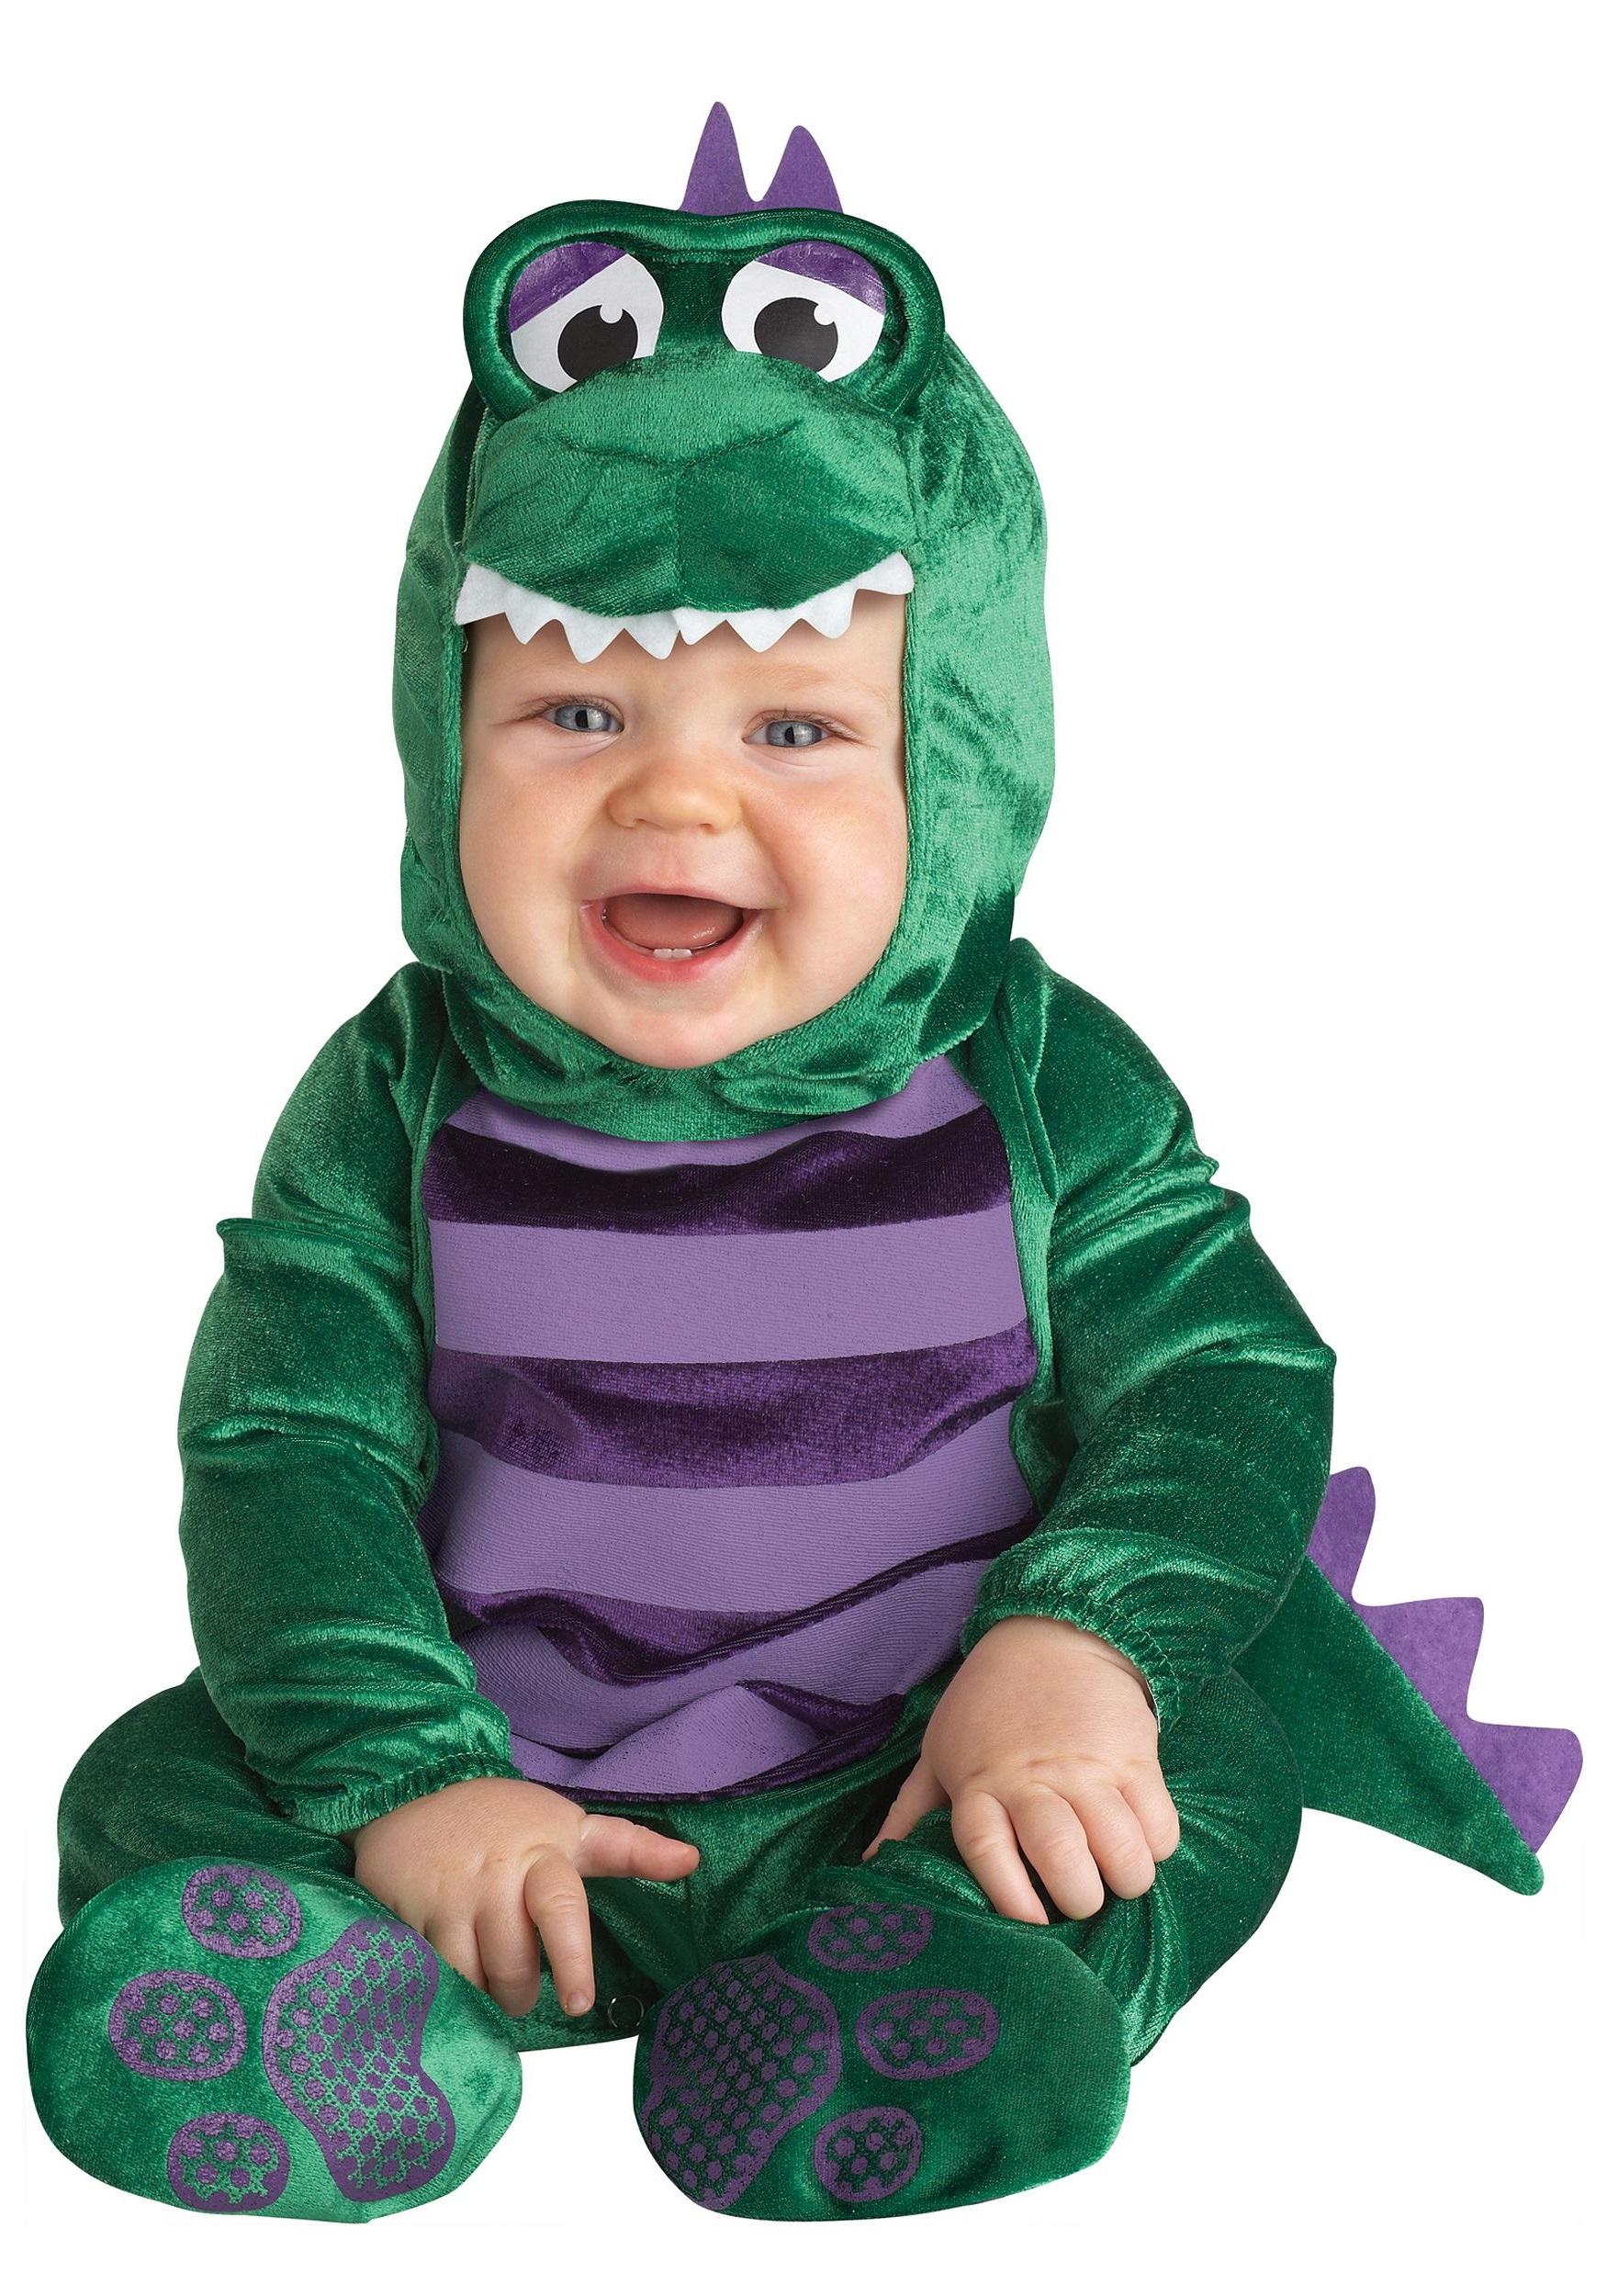 Costume pour bébé créatif.